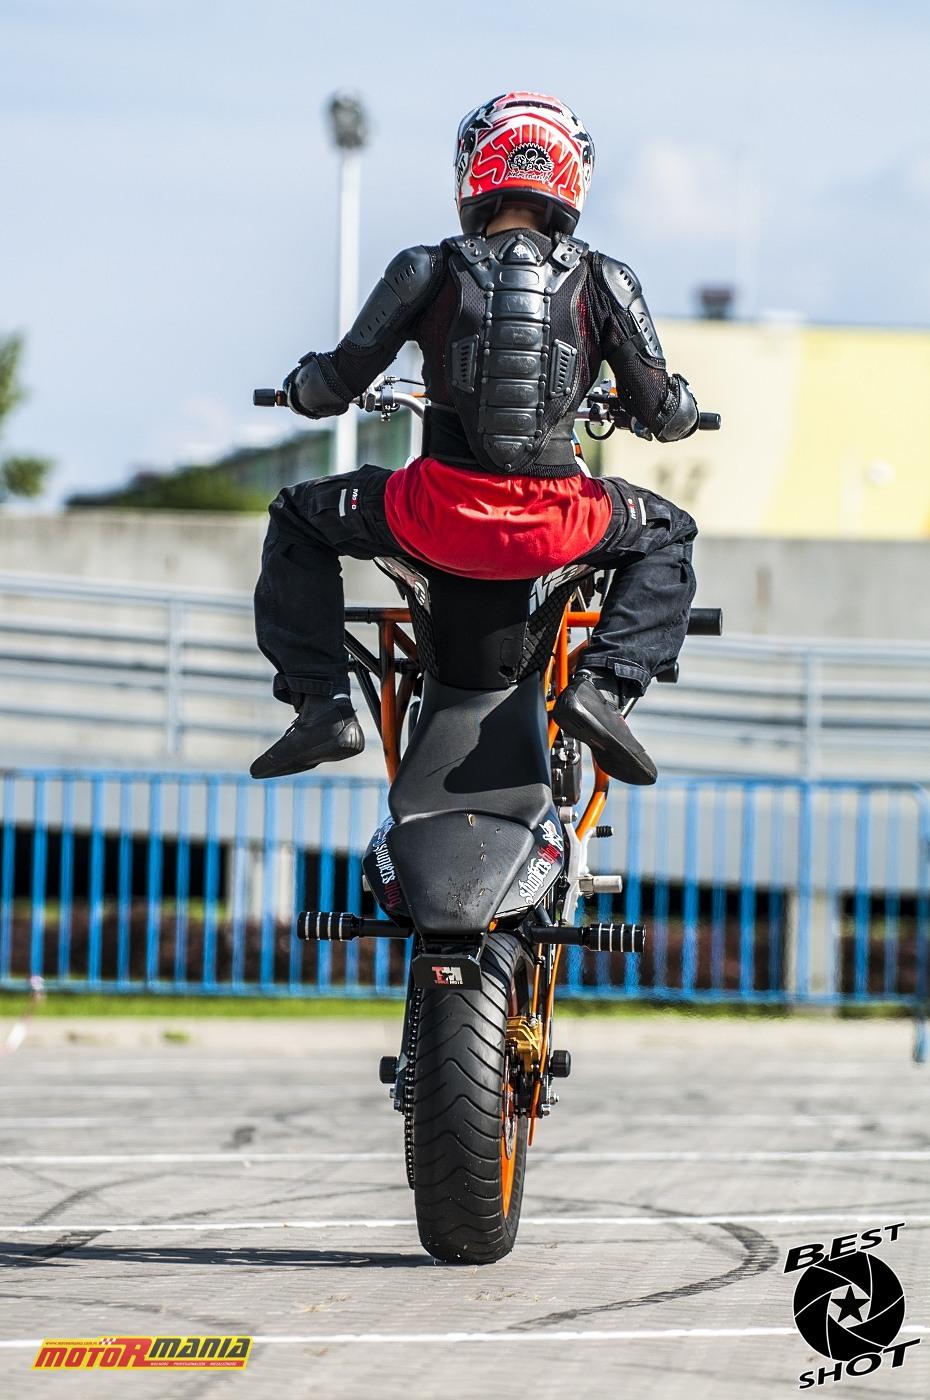 Piotrus Stunt na KTM 390 Duke (9) - fot Best Shot